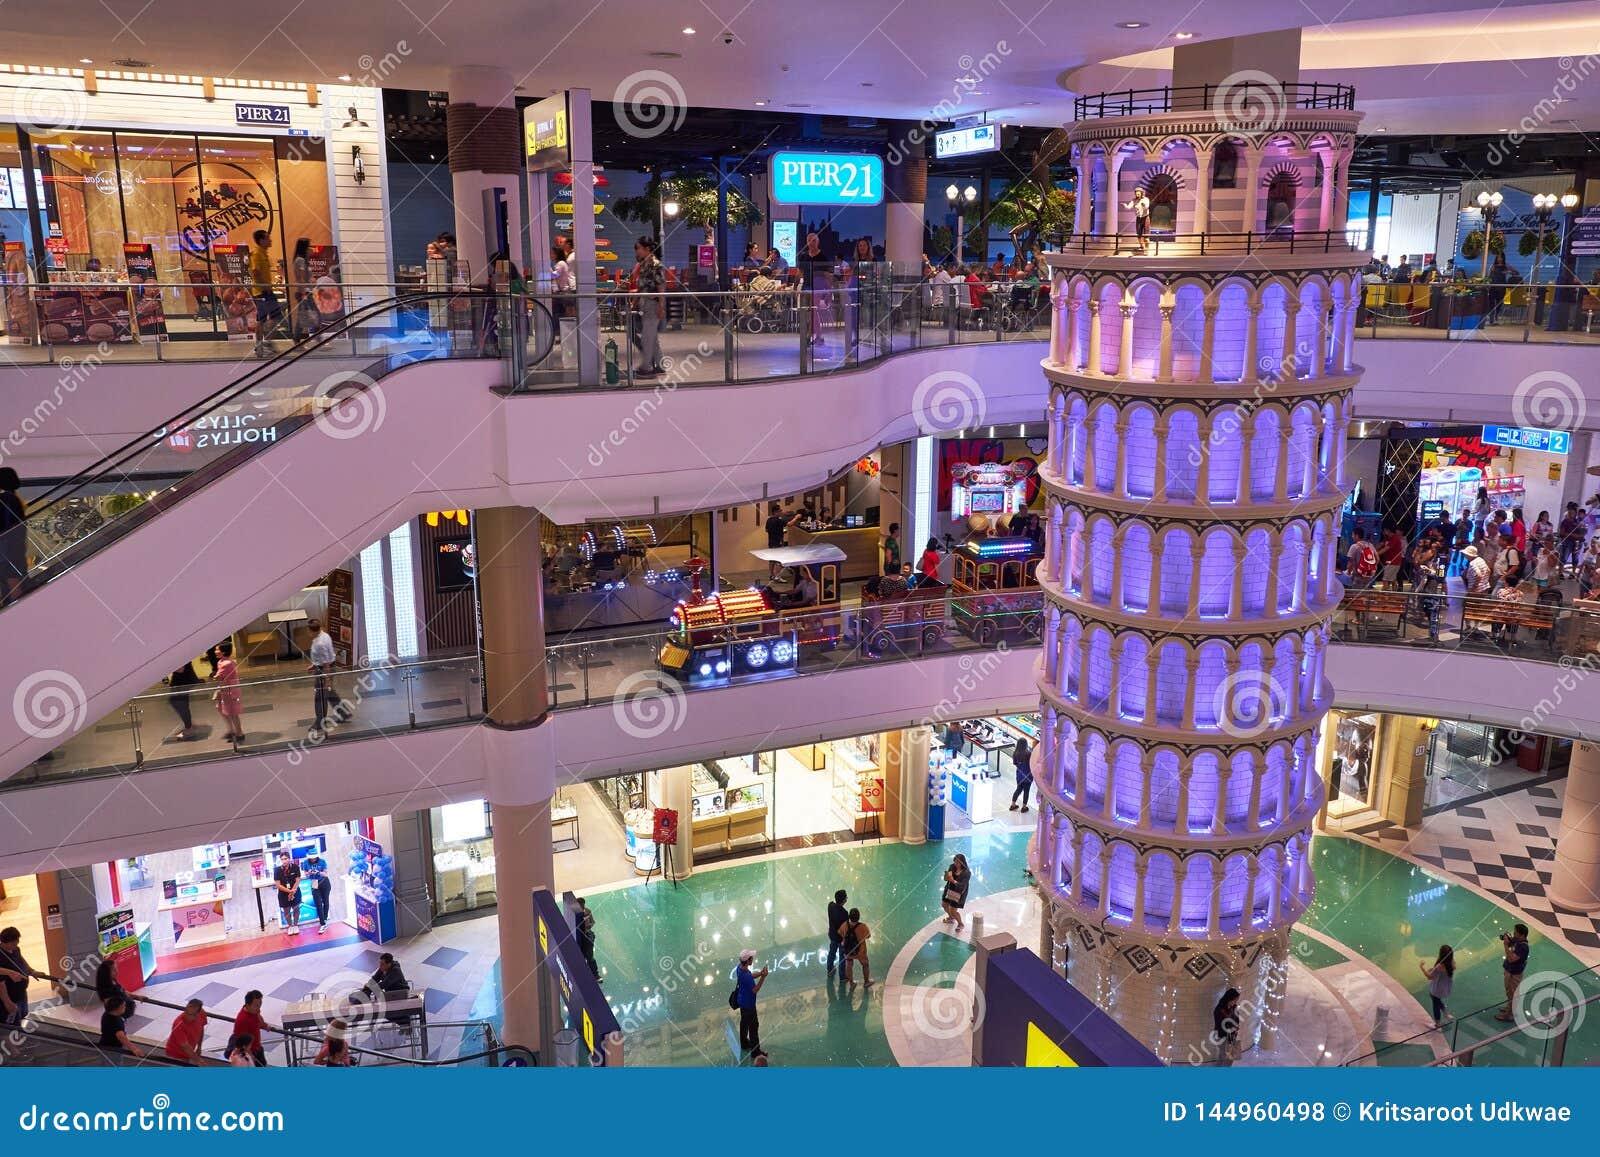 Una réplica más pequeña de la torre de Pisa en el terminal 21 Pattaya